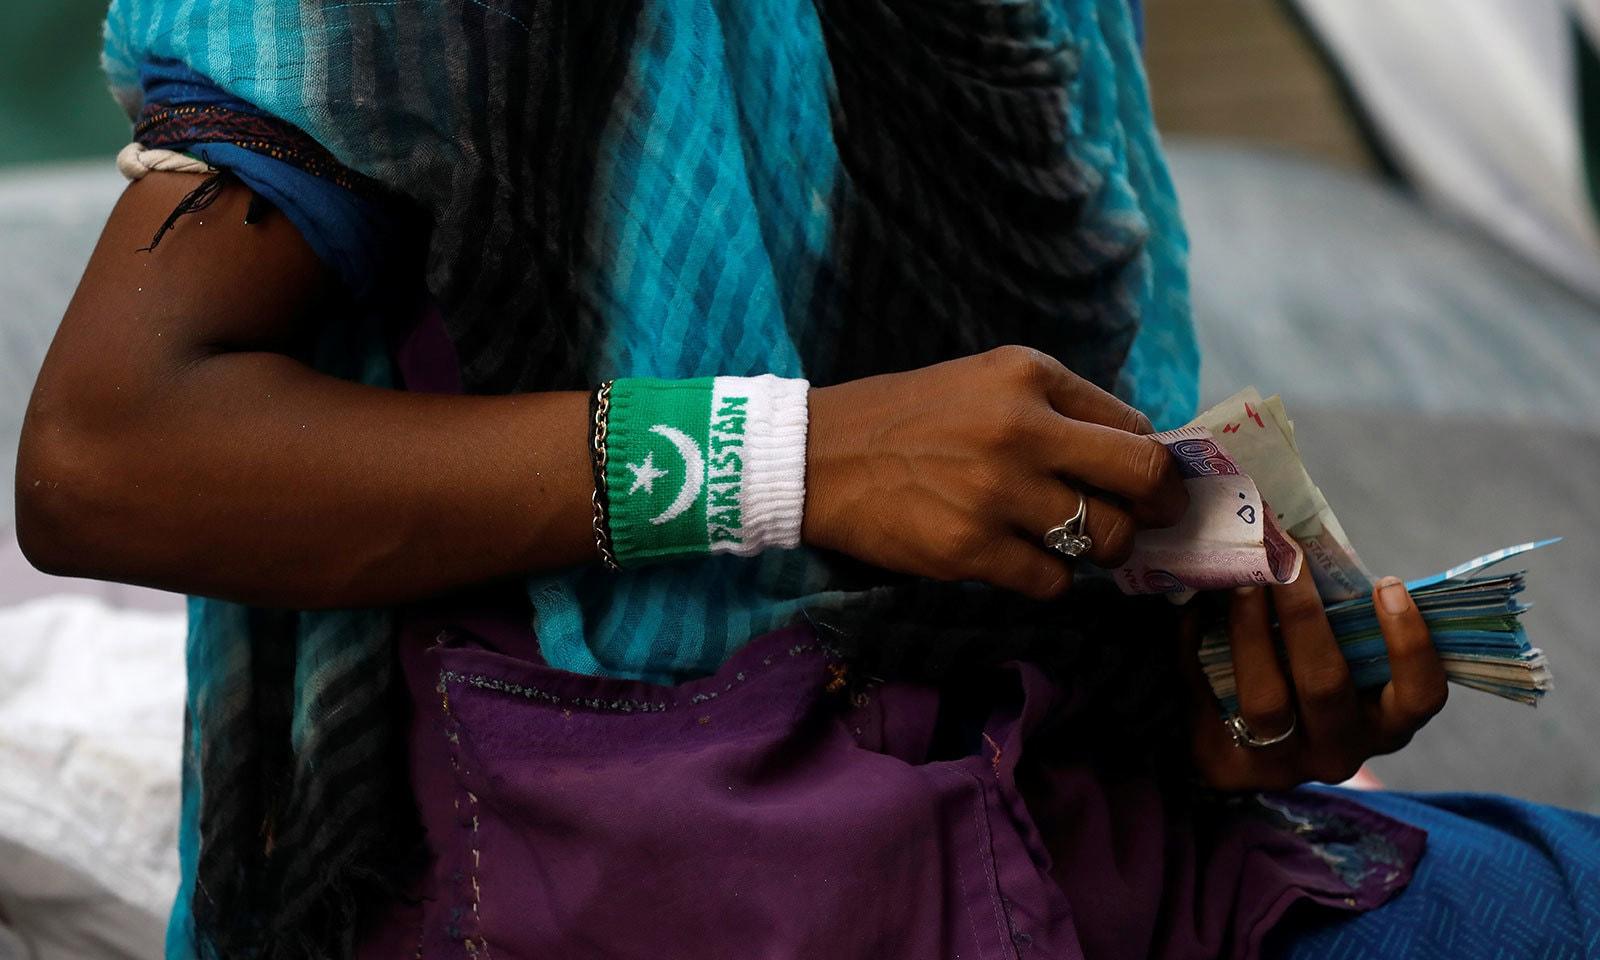 ملک کے دیگر شہروں کی طرح کراچی میں مارکیٹوں میں یوم آزادی سے متعلق خریداری کا سلسہ جاری ہے—فوٹو:رائٹرز